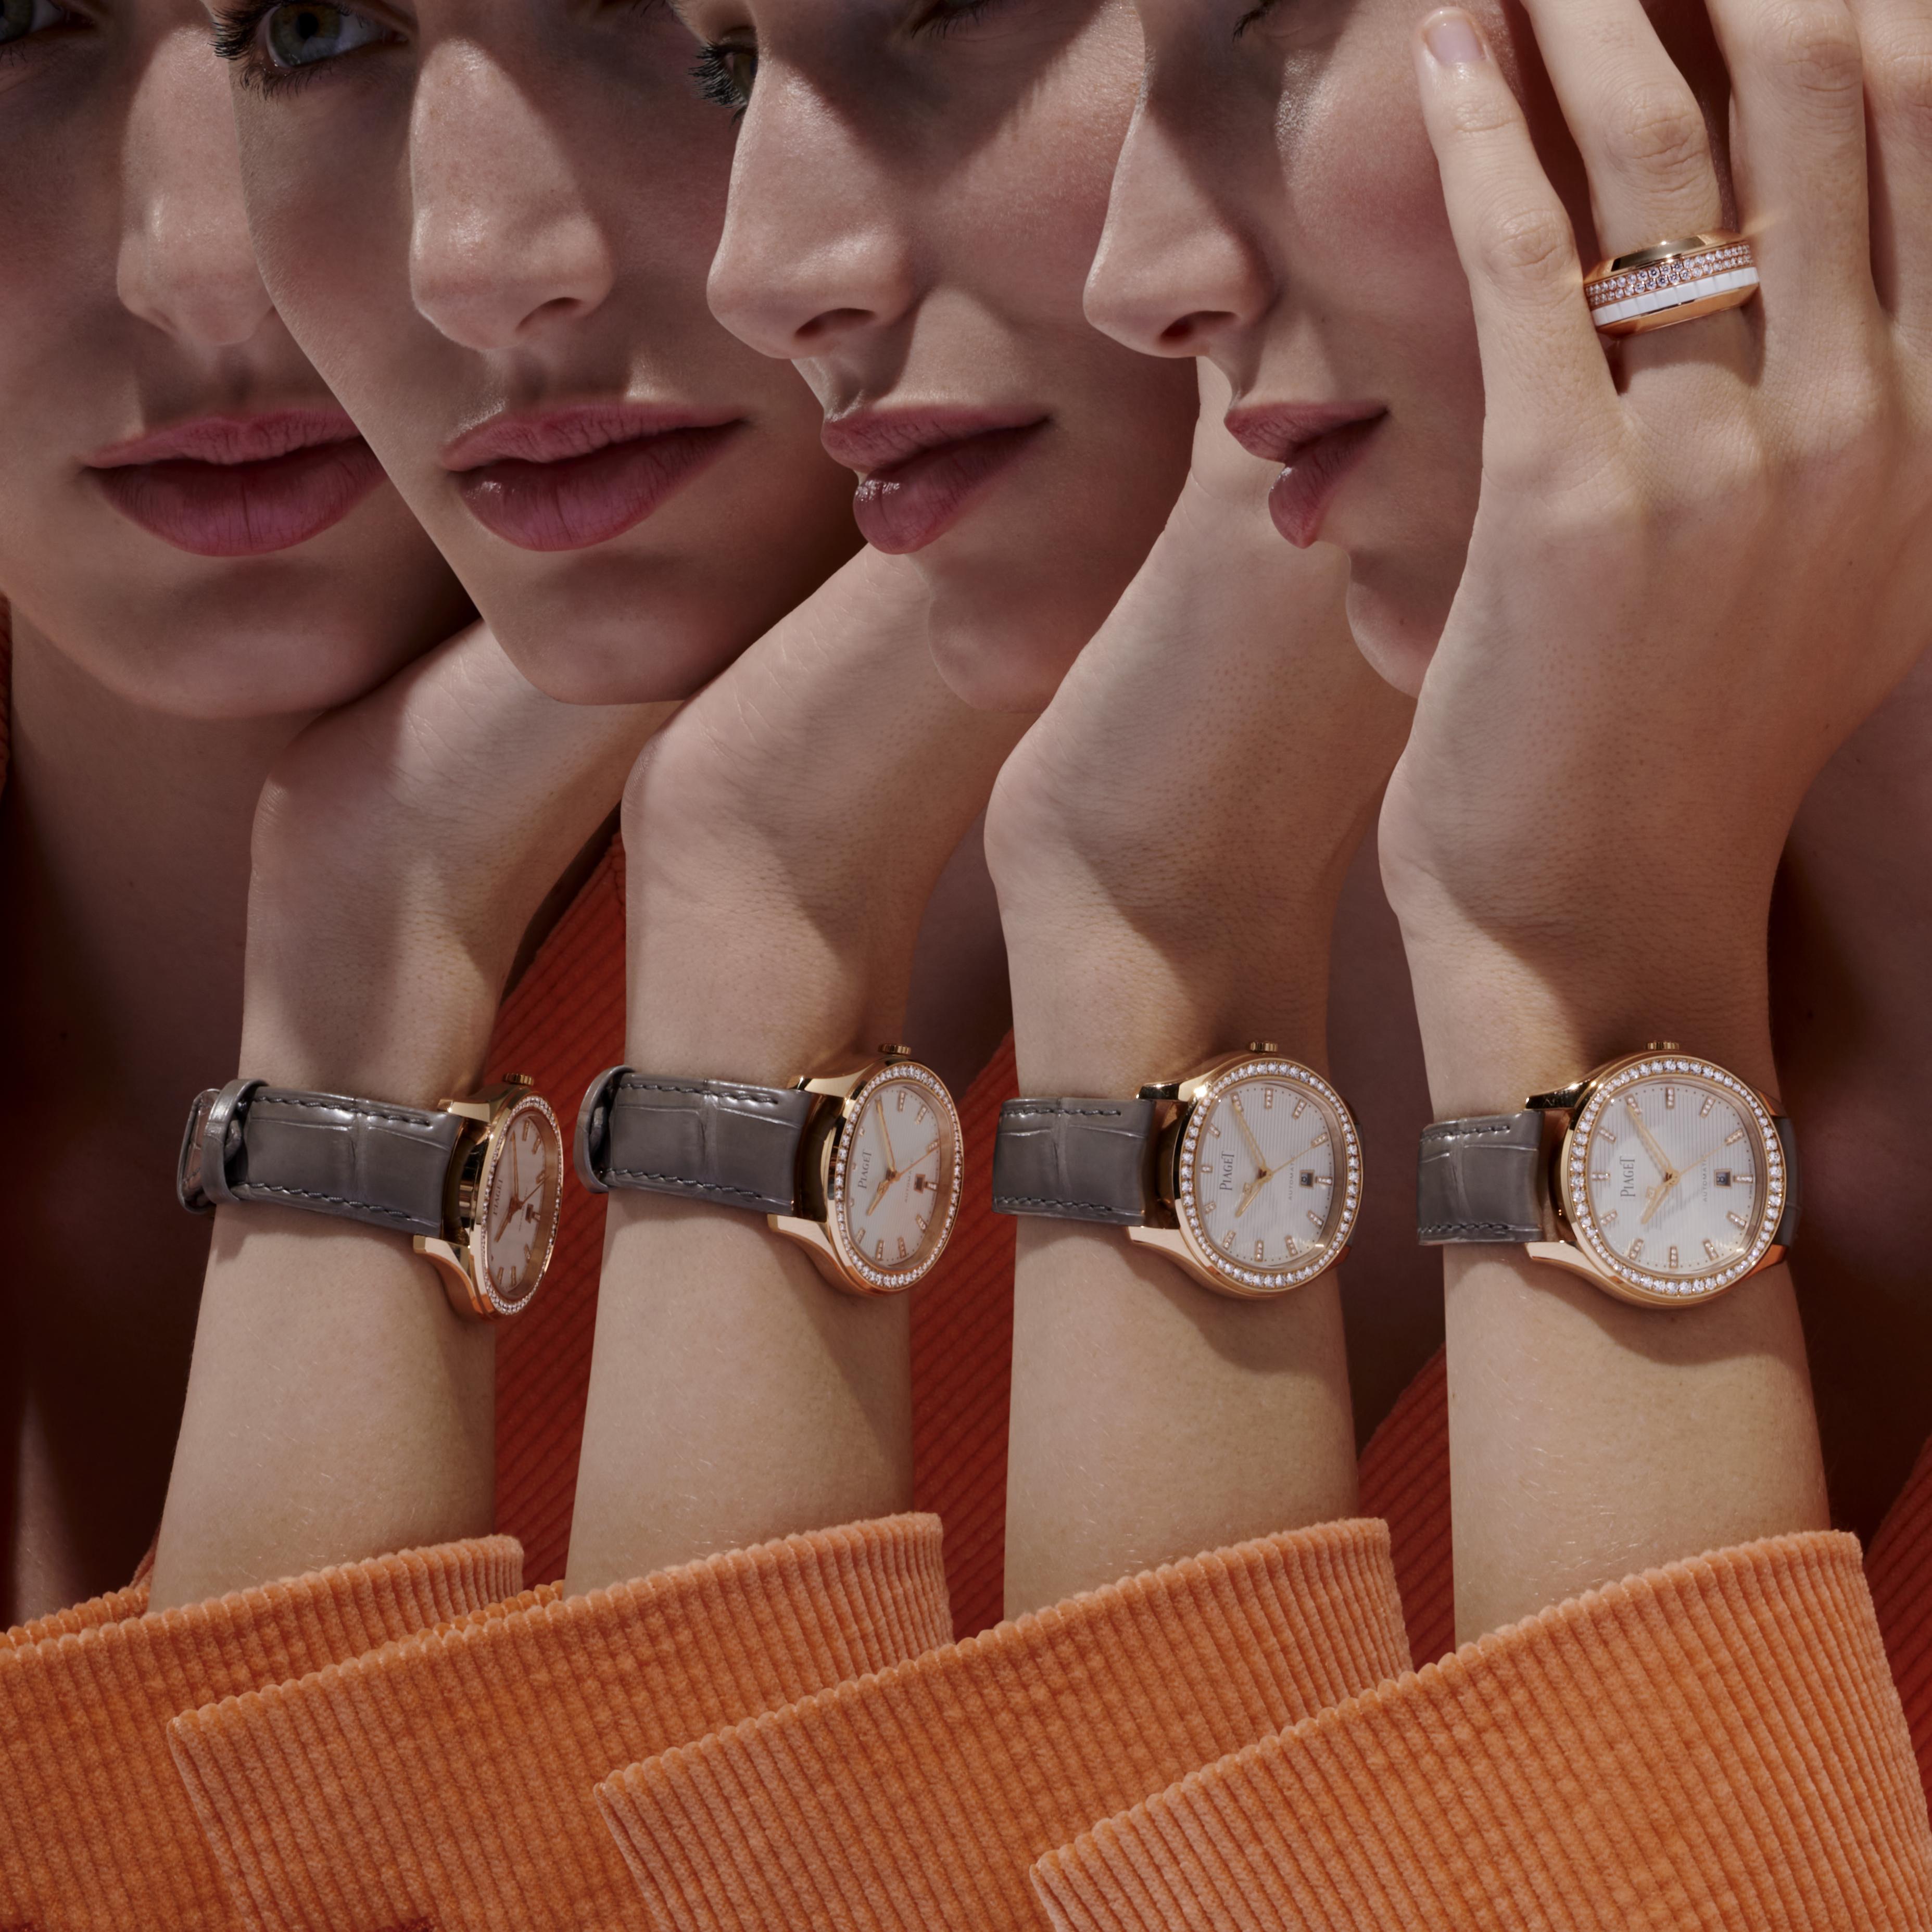 Đã xuất hiện chiếc đồng hồ nữ đầu tiên trong BST Piaget Polo lịch sử - Ảnh 1